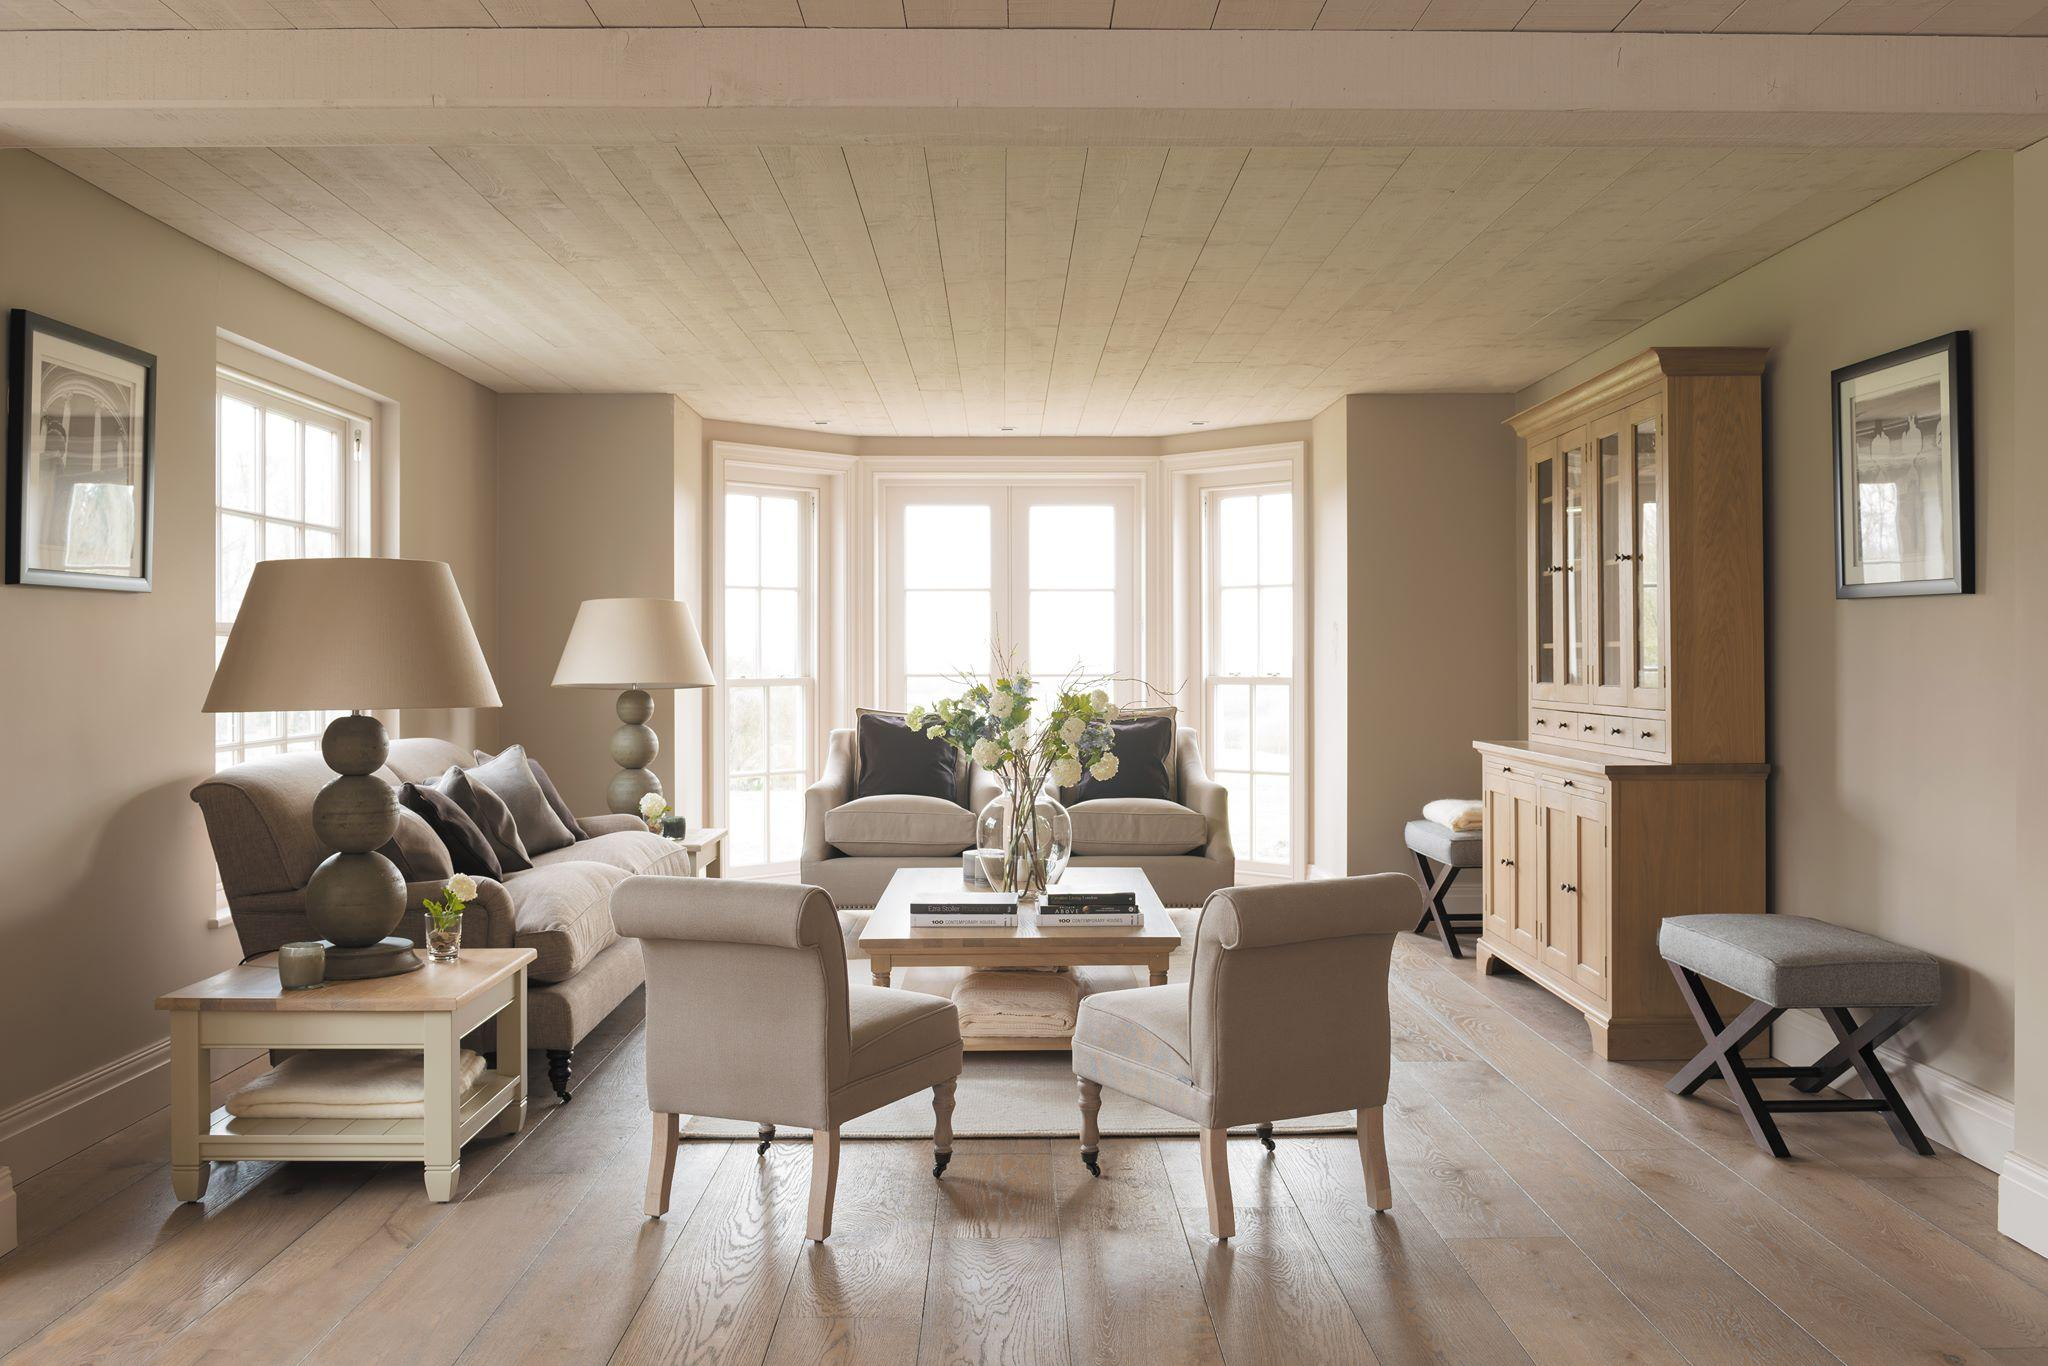 Englische polstermöbel landhausstil  englische wohnzimmer | daredevz.com. inspirational englisches ...